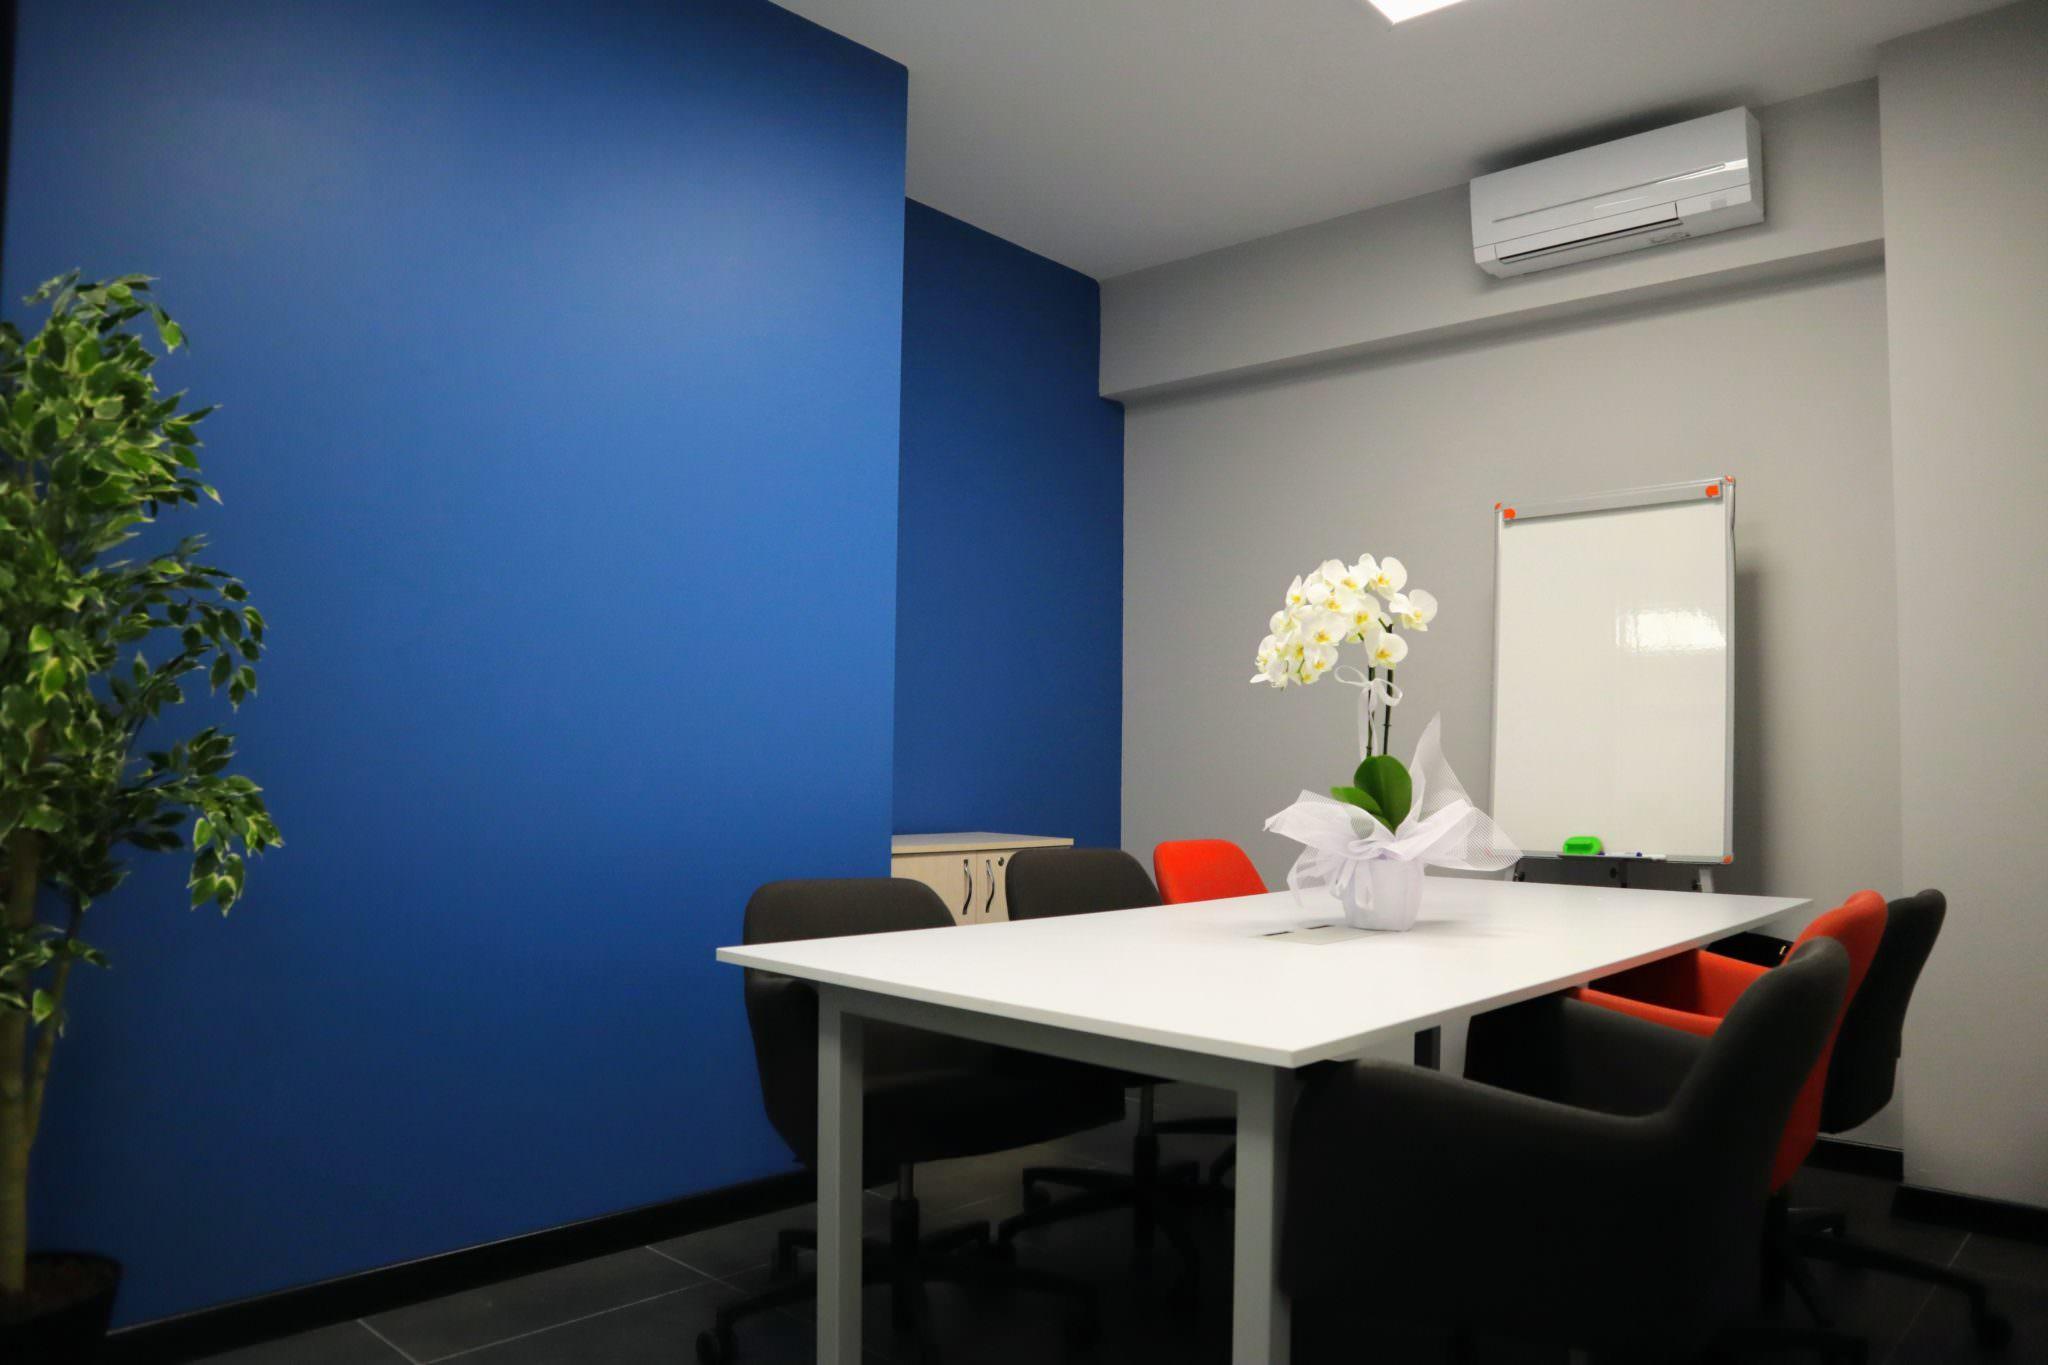 Girişimcilikte Başarılı Olmak İçin Ofislerin Rolü